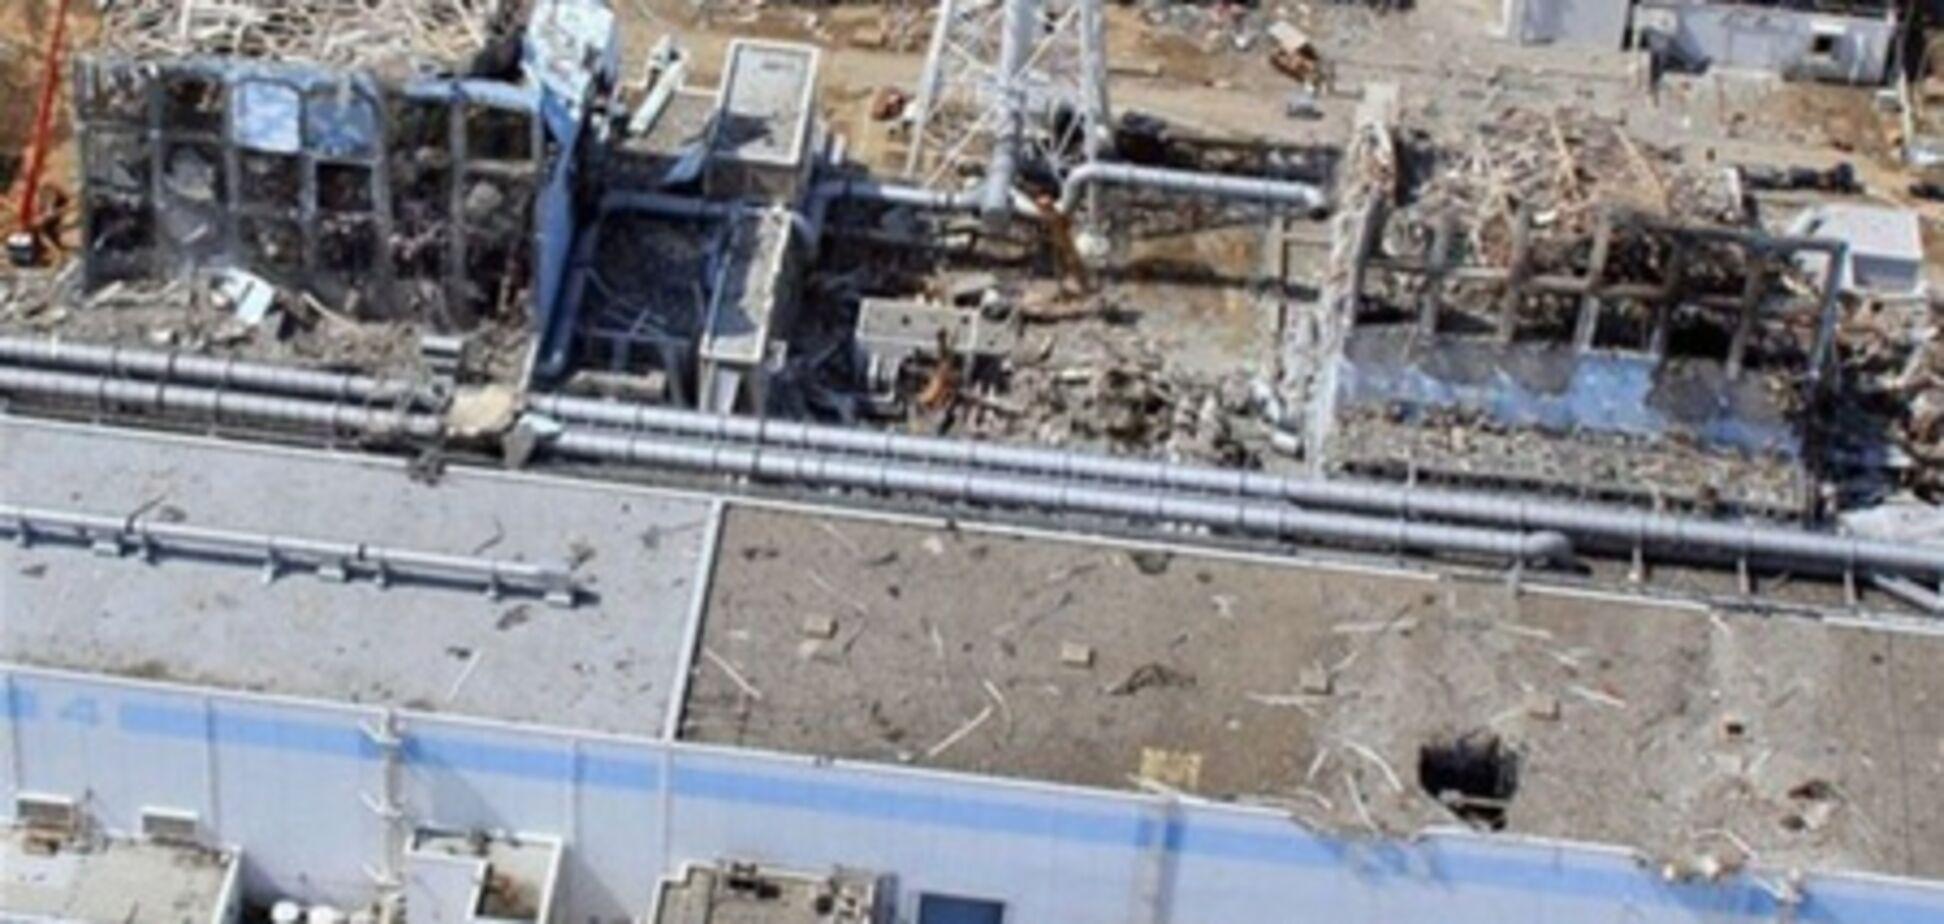 Министра экономики отправили в отставку из-за шутки о Фукусиме